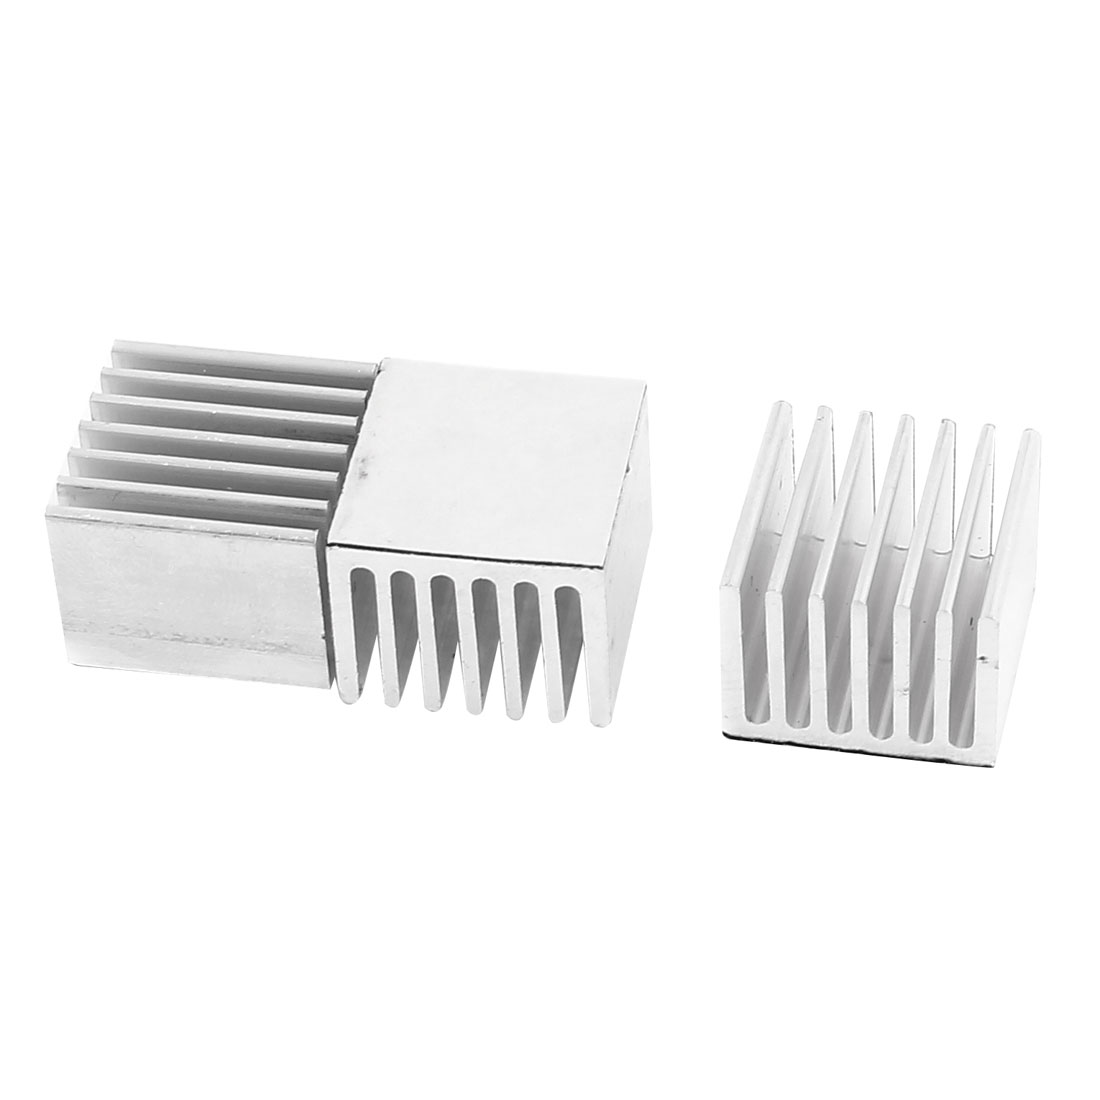 3 Pcs 15 x 20 x 20mm Self-Adhesive Aluminum Heatsink for CPU IC Cooling